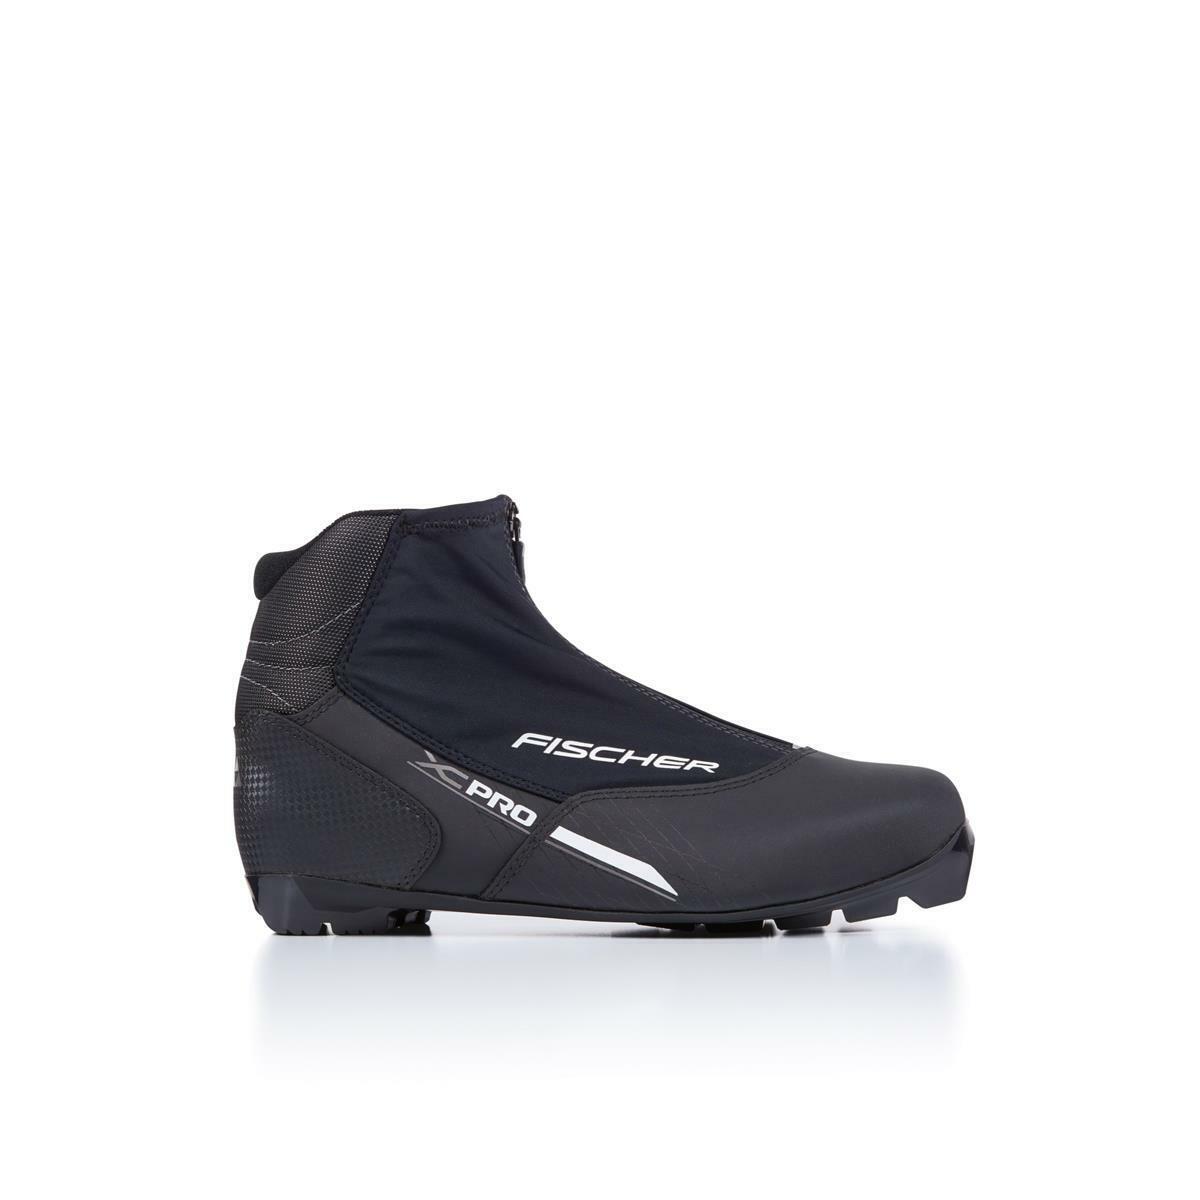 Fischer XC Pro schwarz Silber, Langlaufschuhe - 2019 20